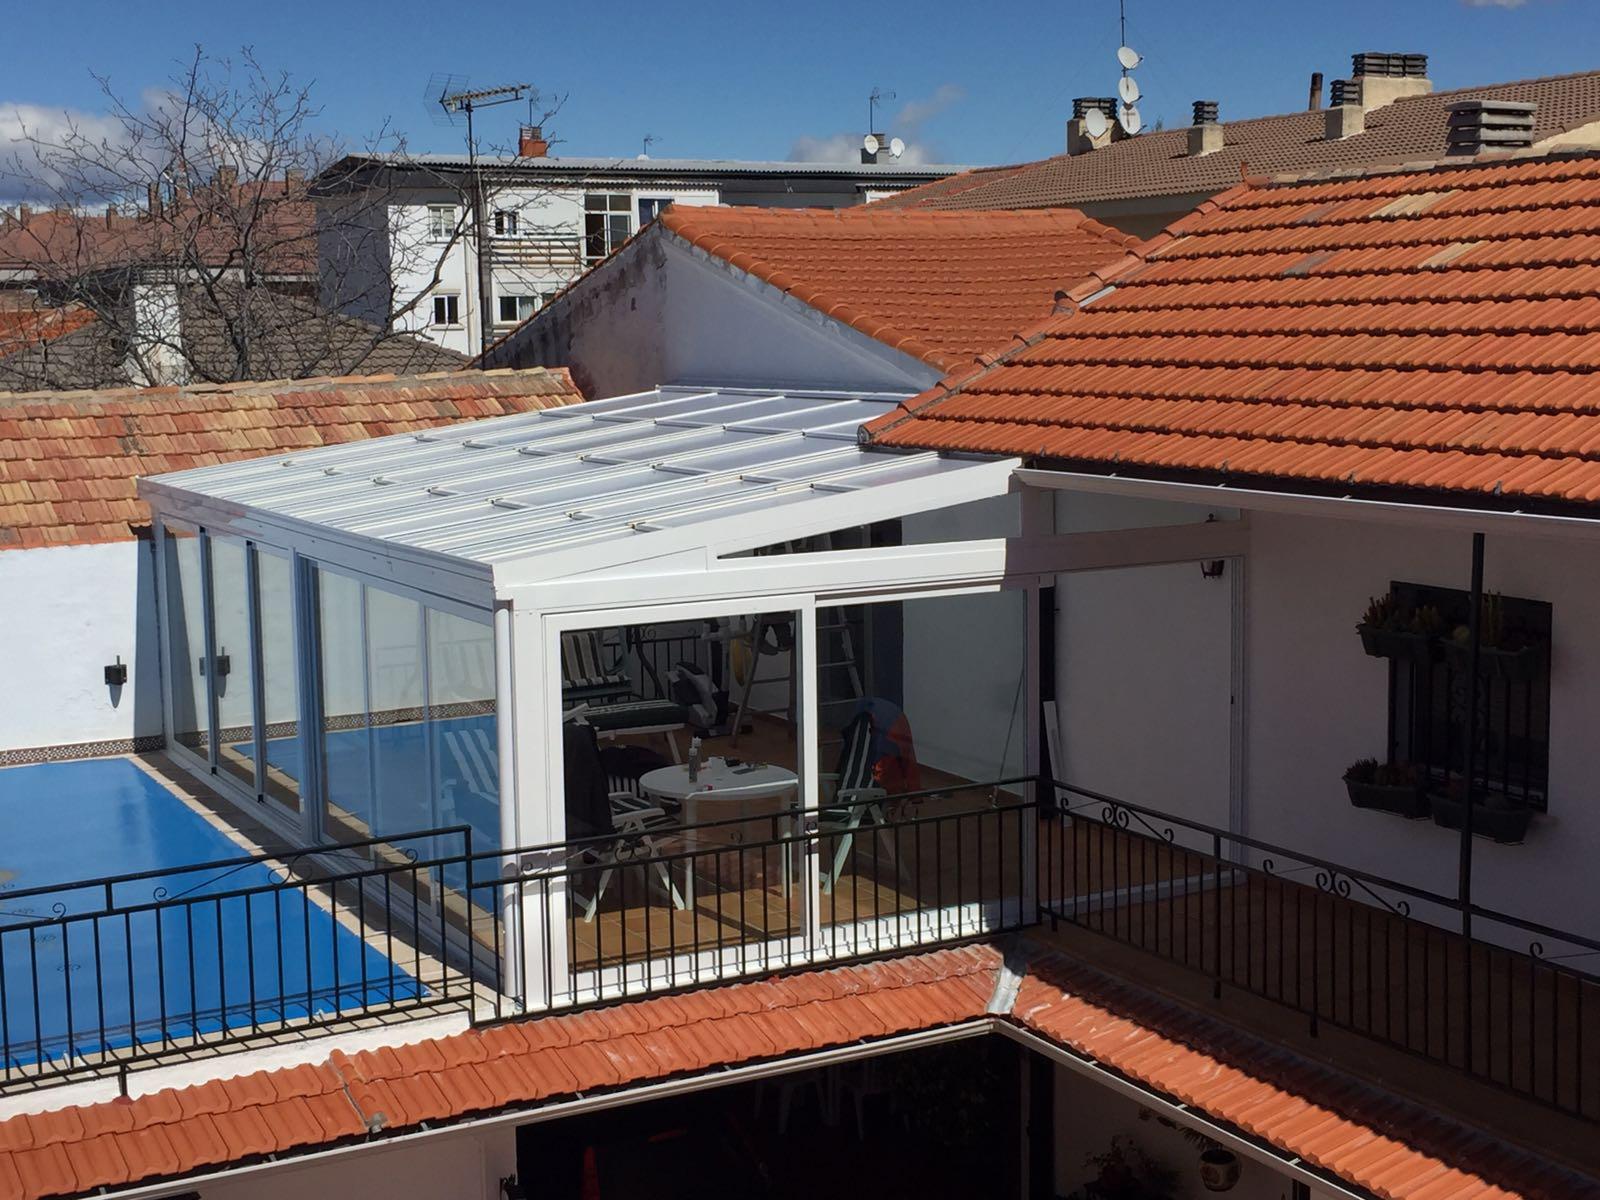 Cubierta piscinas f bricant techo m vil cosmoval 644 34 for Techo piscina cubierta